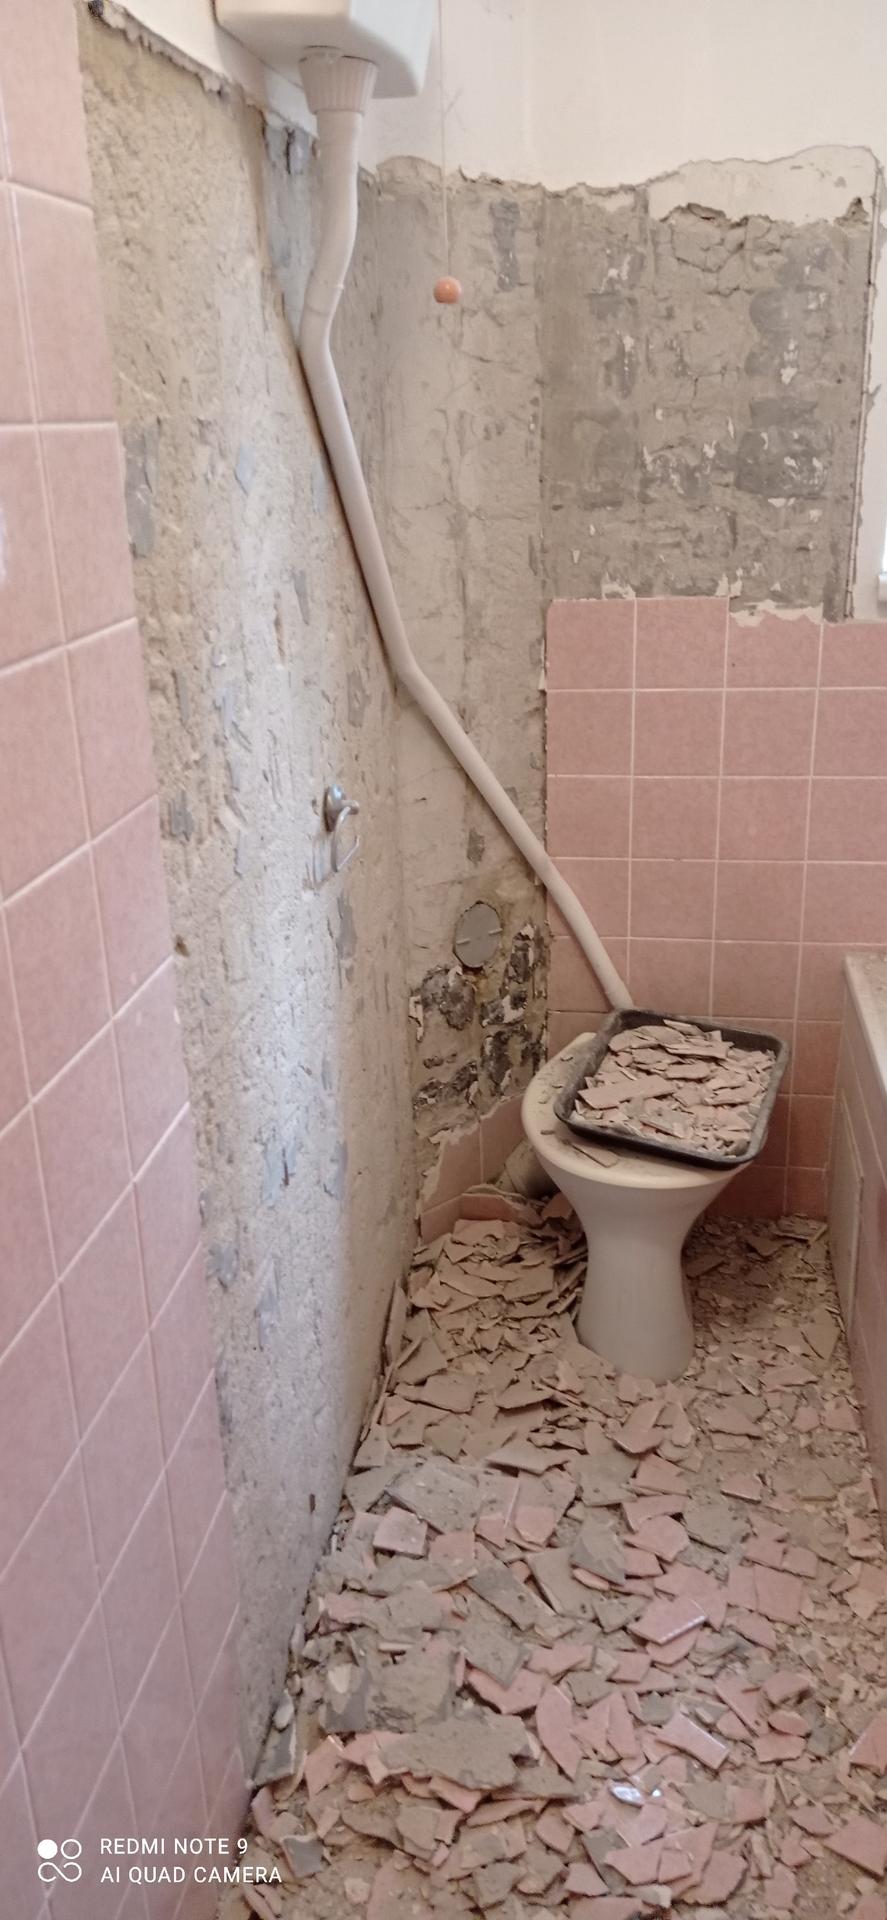 koupelna v bytě 1+1 - Sekání kachliček bylo za trest a sousedi si to asi taky užili :-)